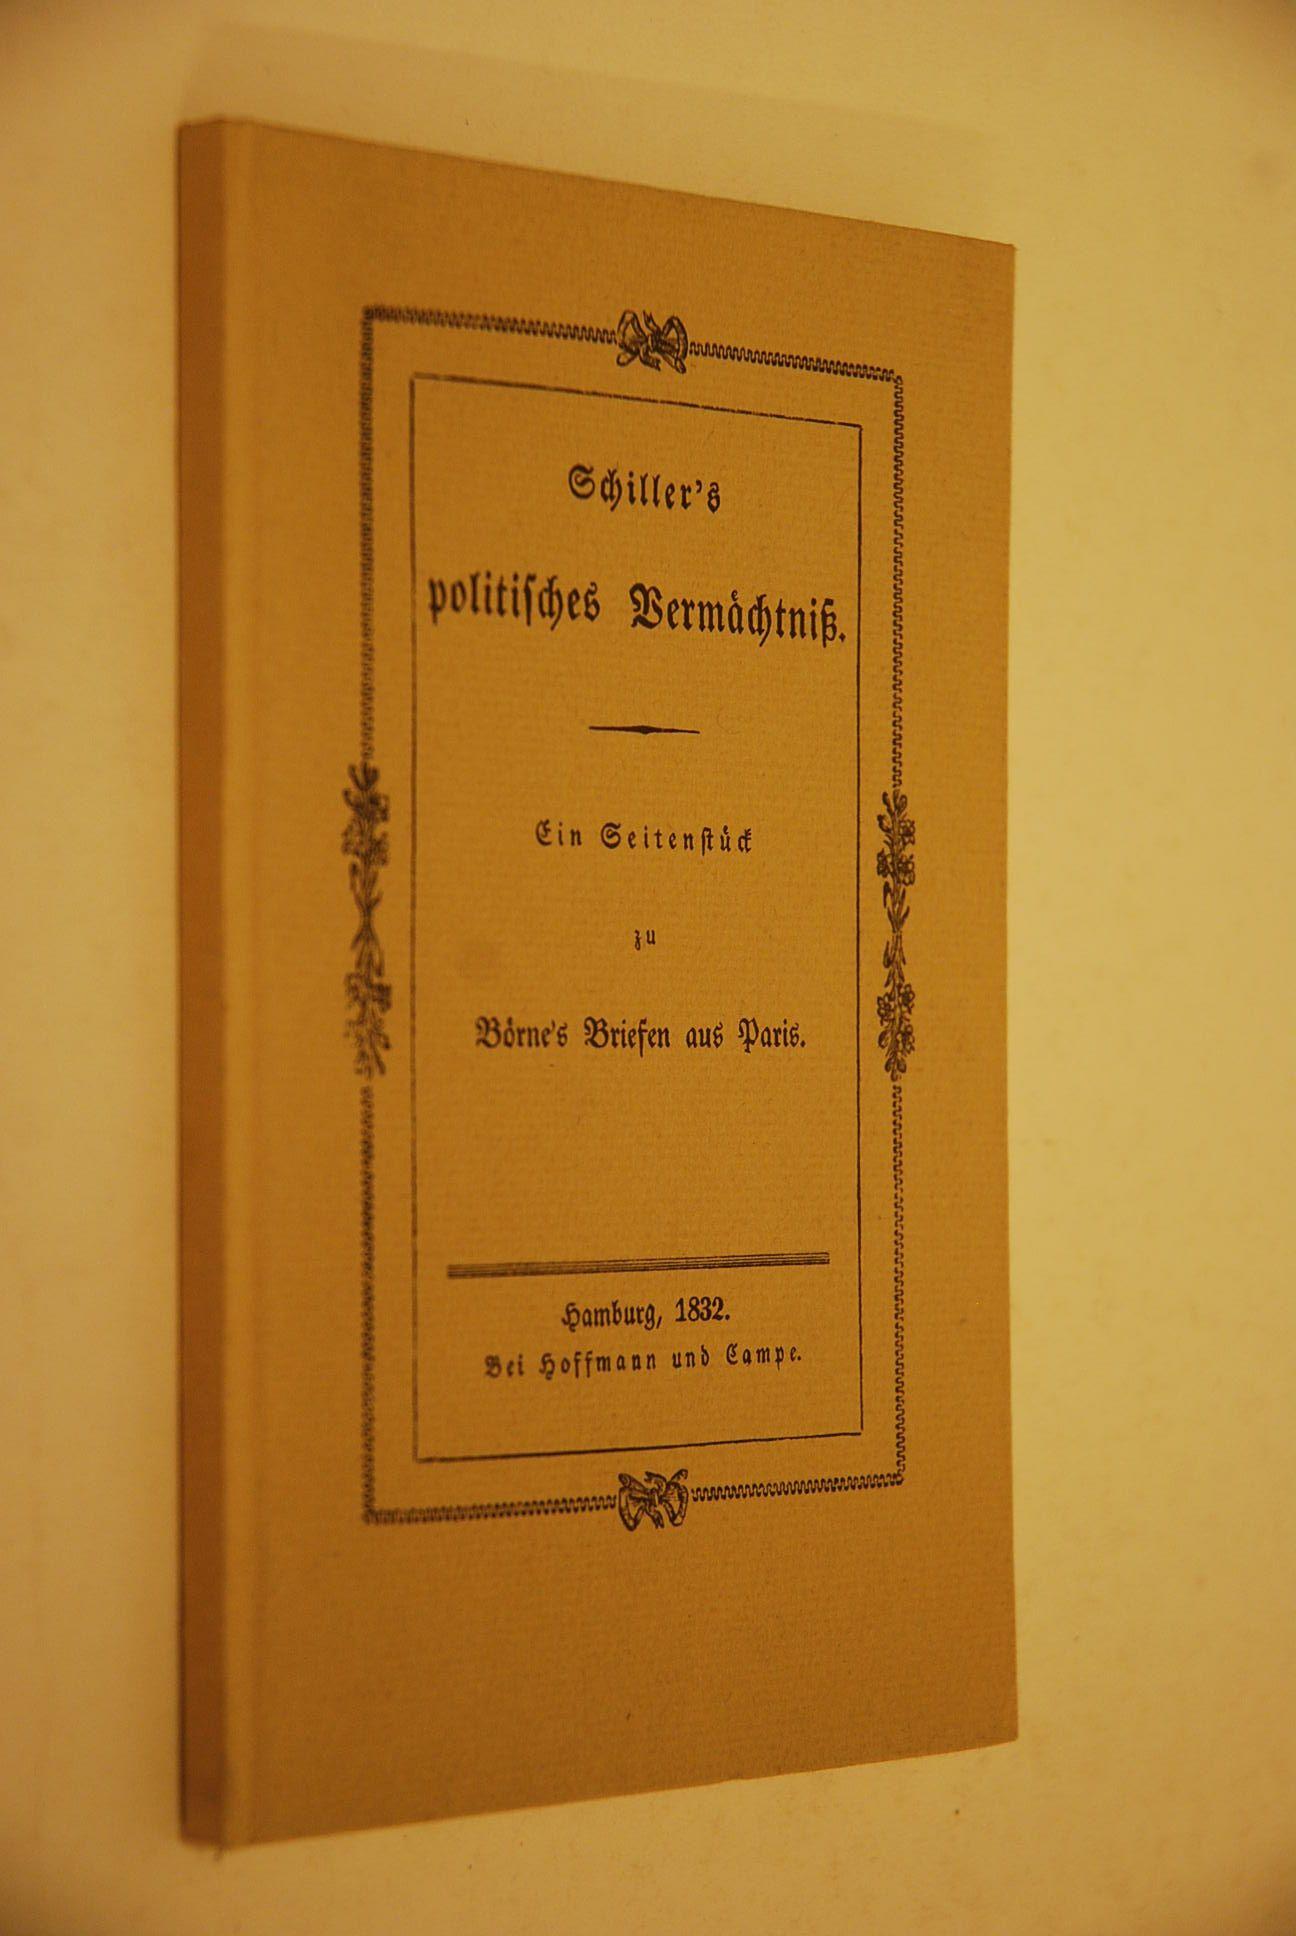 Politisches Vermächtniss] ; Schillers politisches Vermächtniss : Schiller, Friedrich und